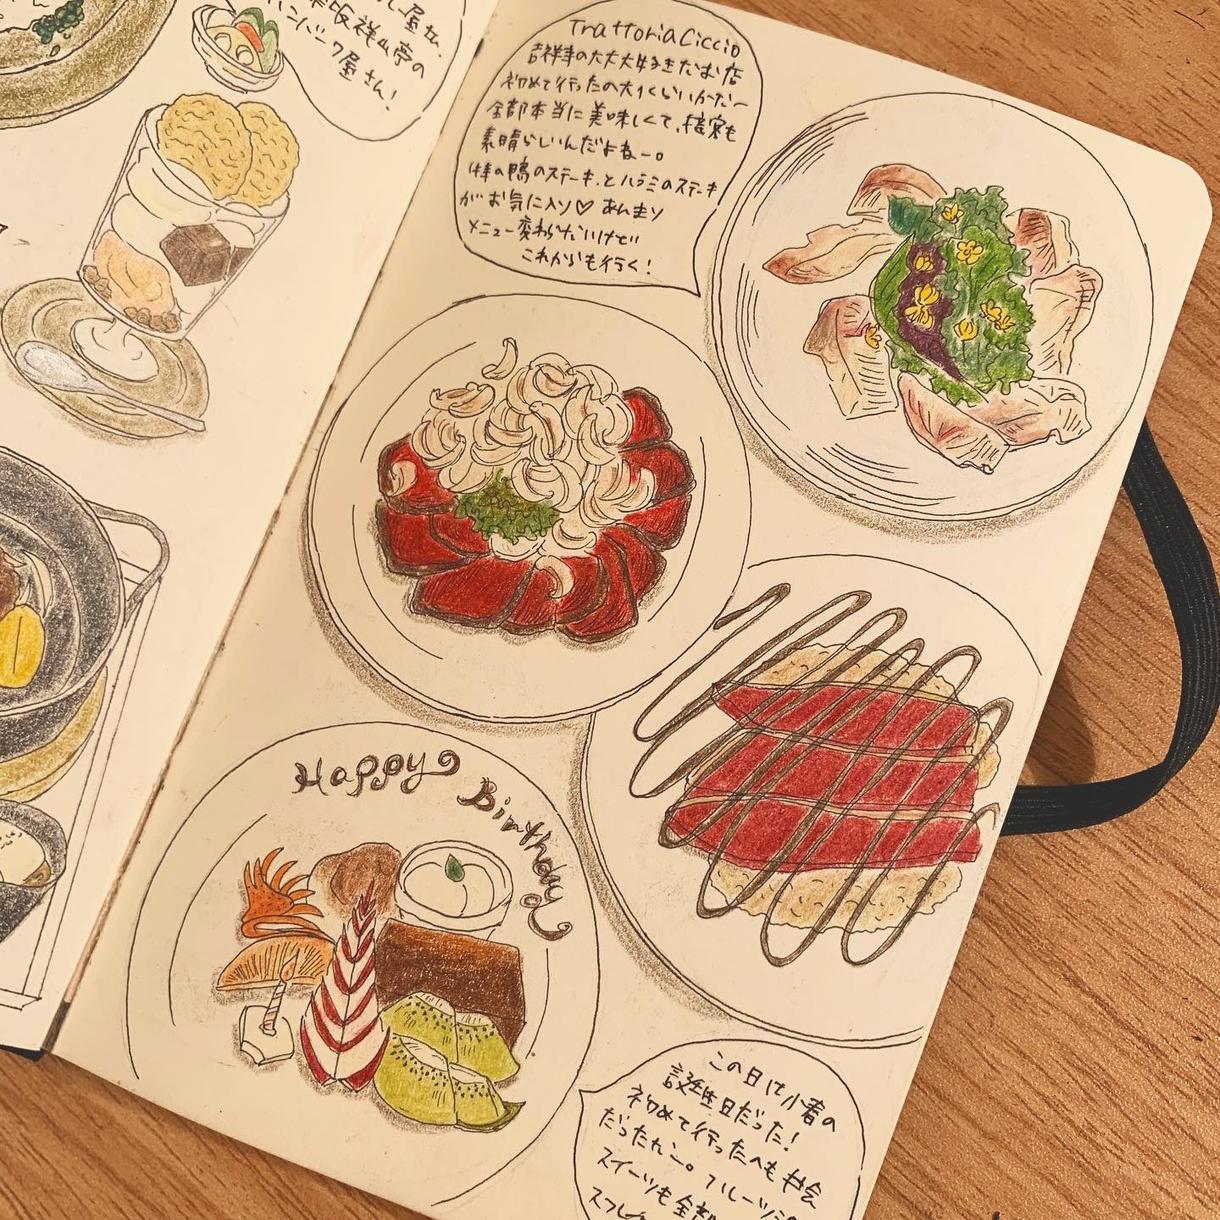 食べ物のイラスト描きます 飲食店のメニュー表などにおススメです